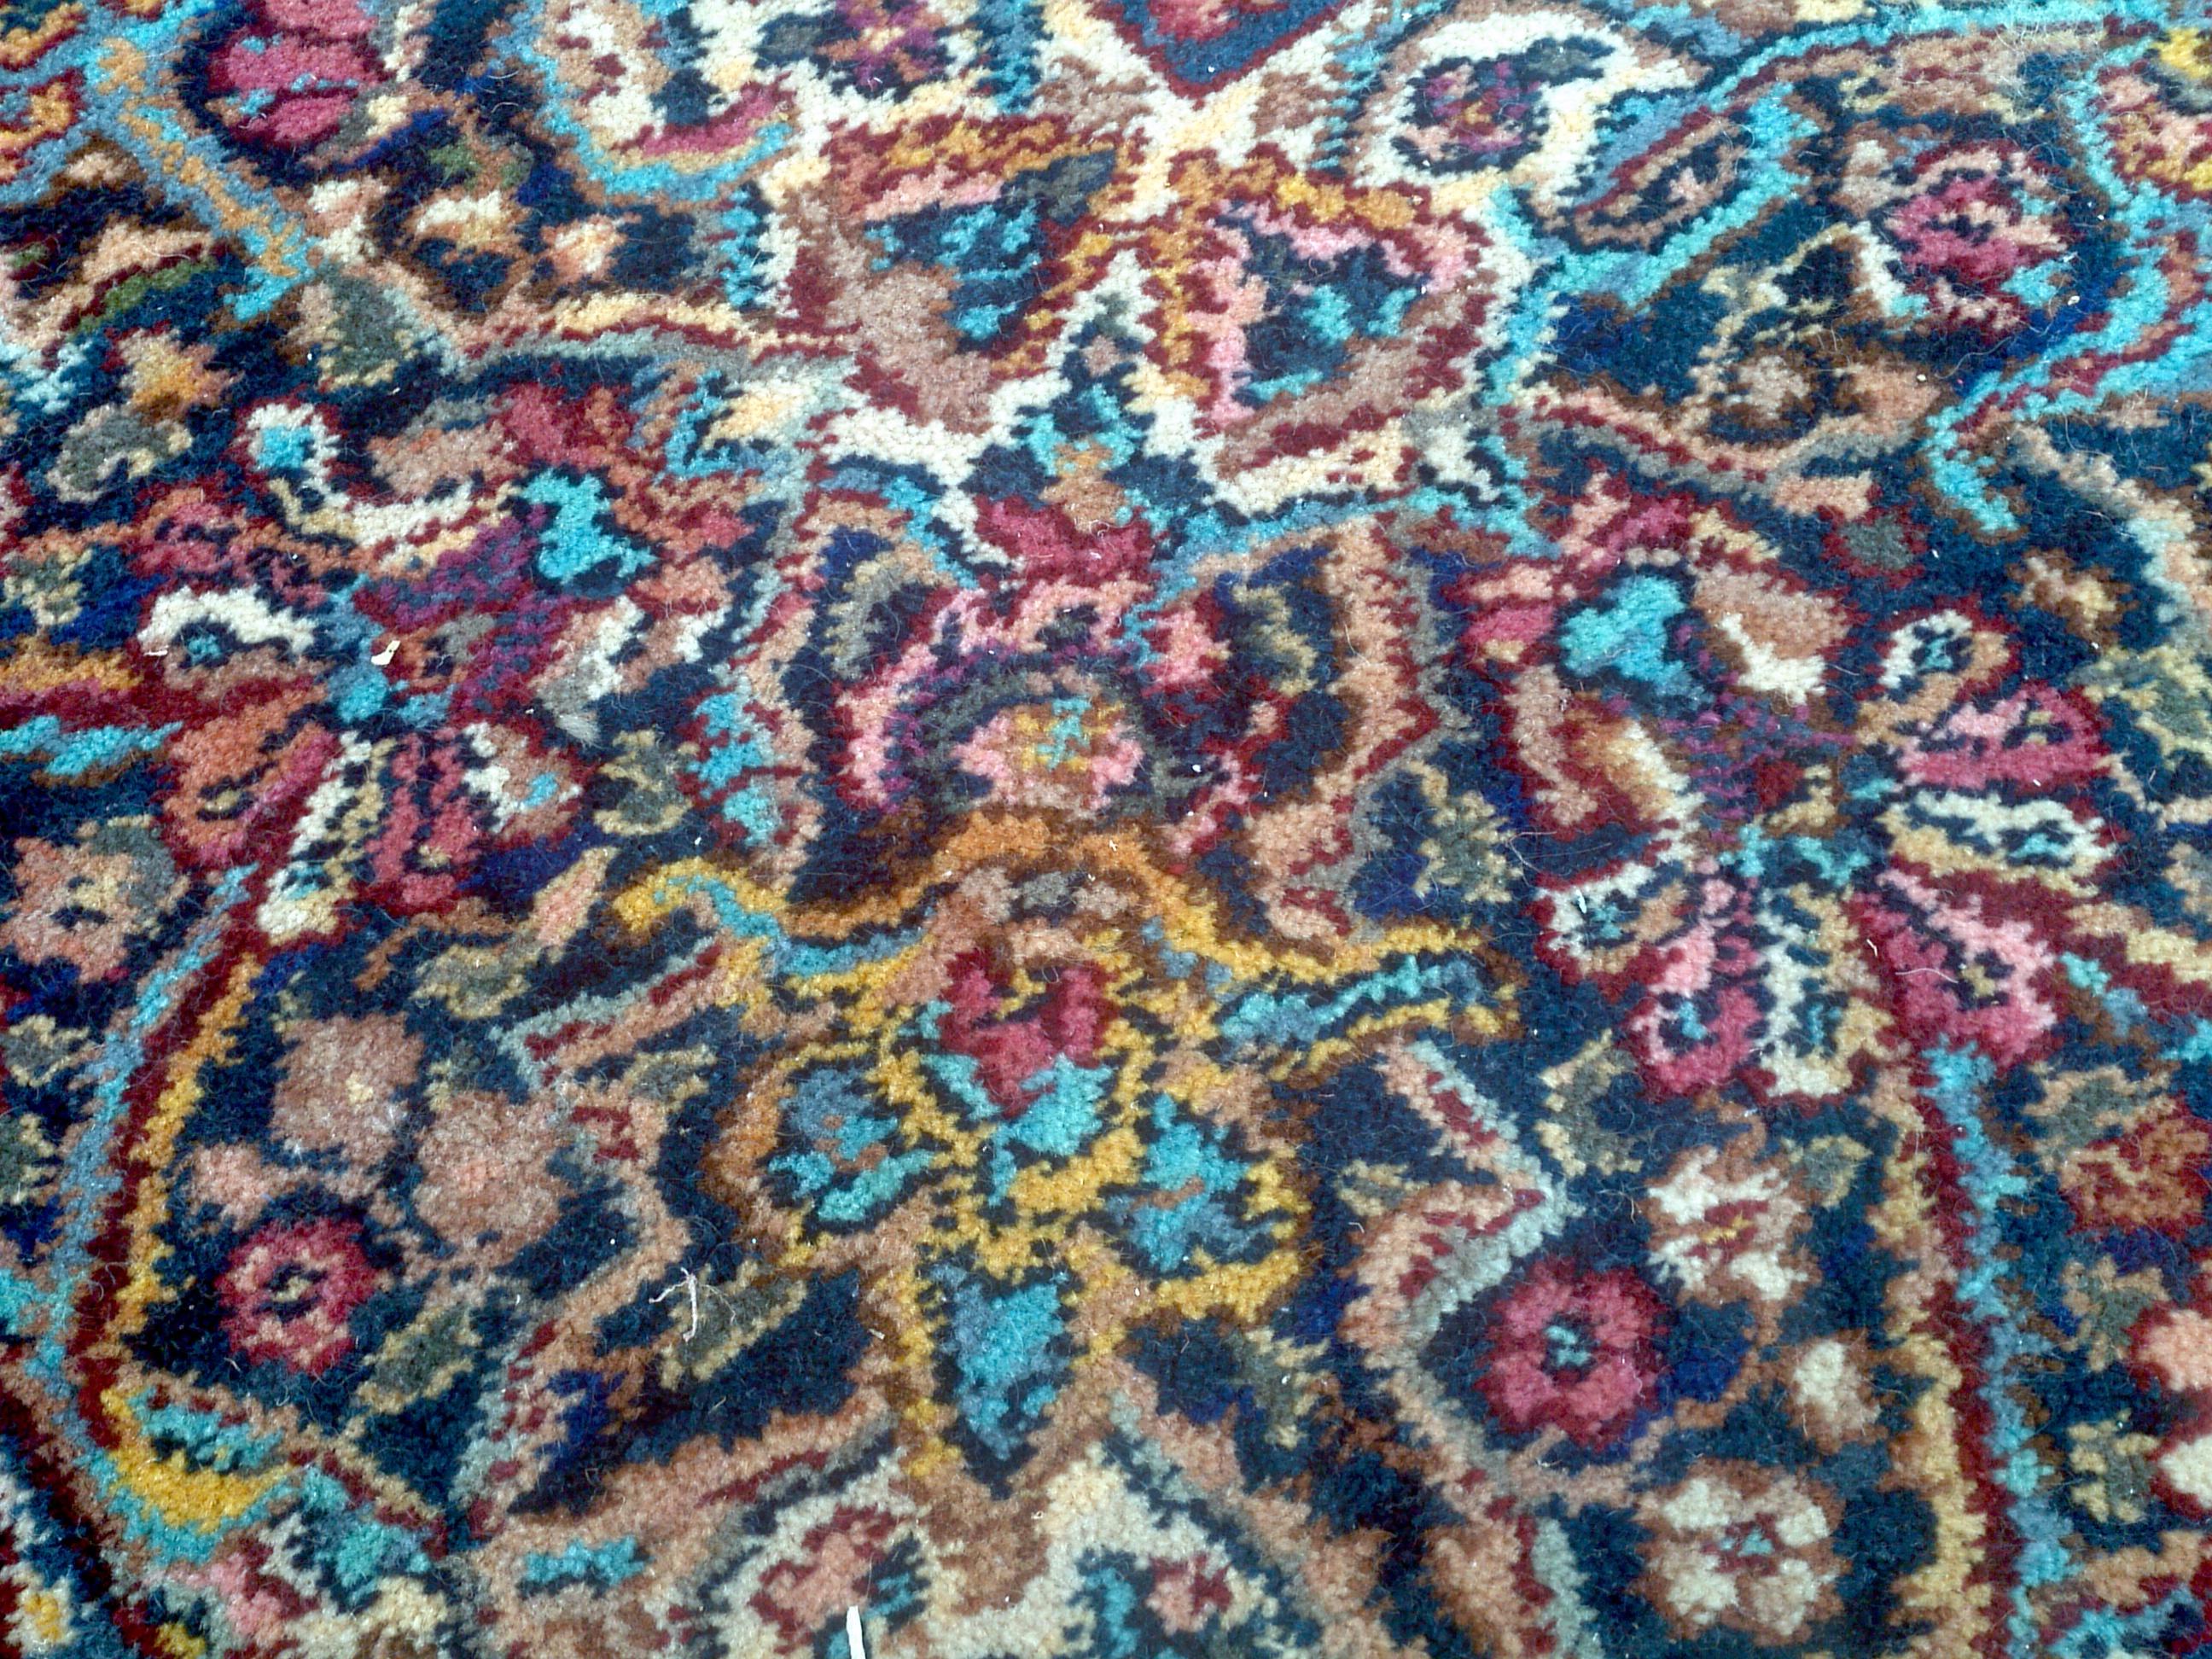 Antique Karastan Rug 81 2 X 15 171 Obnoxious Antiques